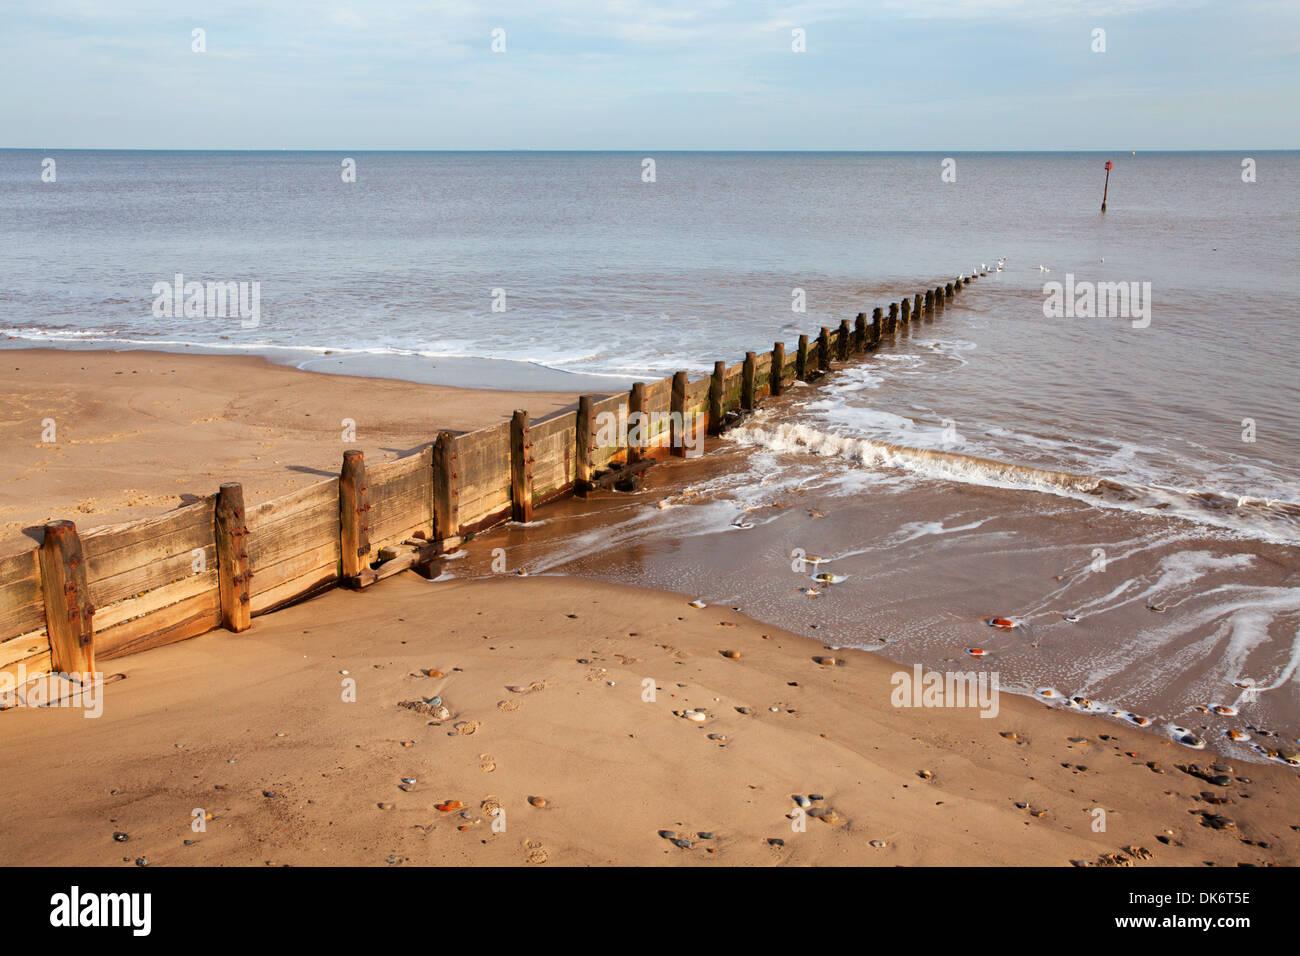 Sandy Beaches South East England